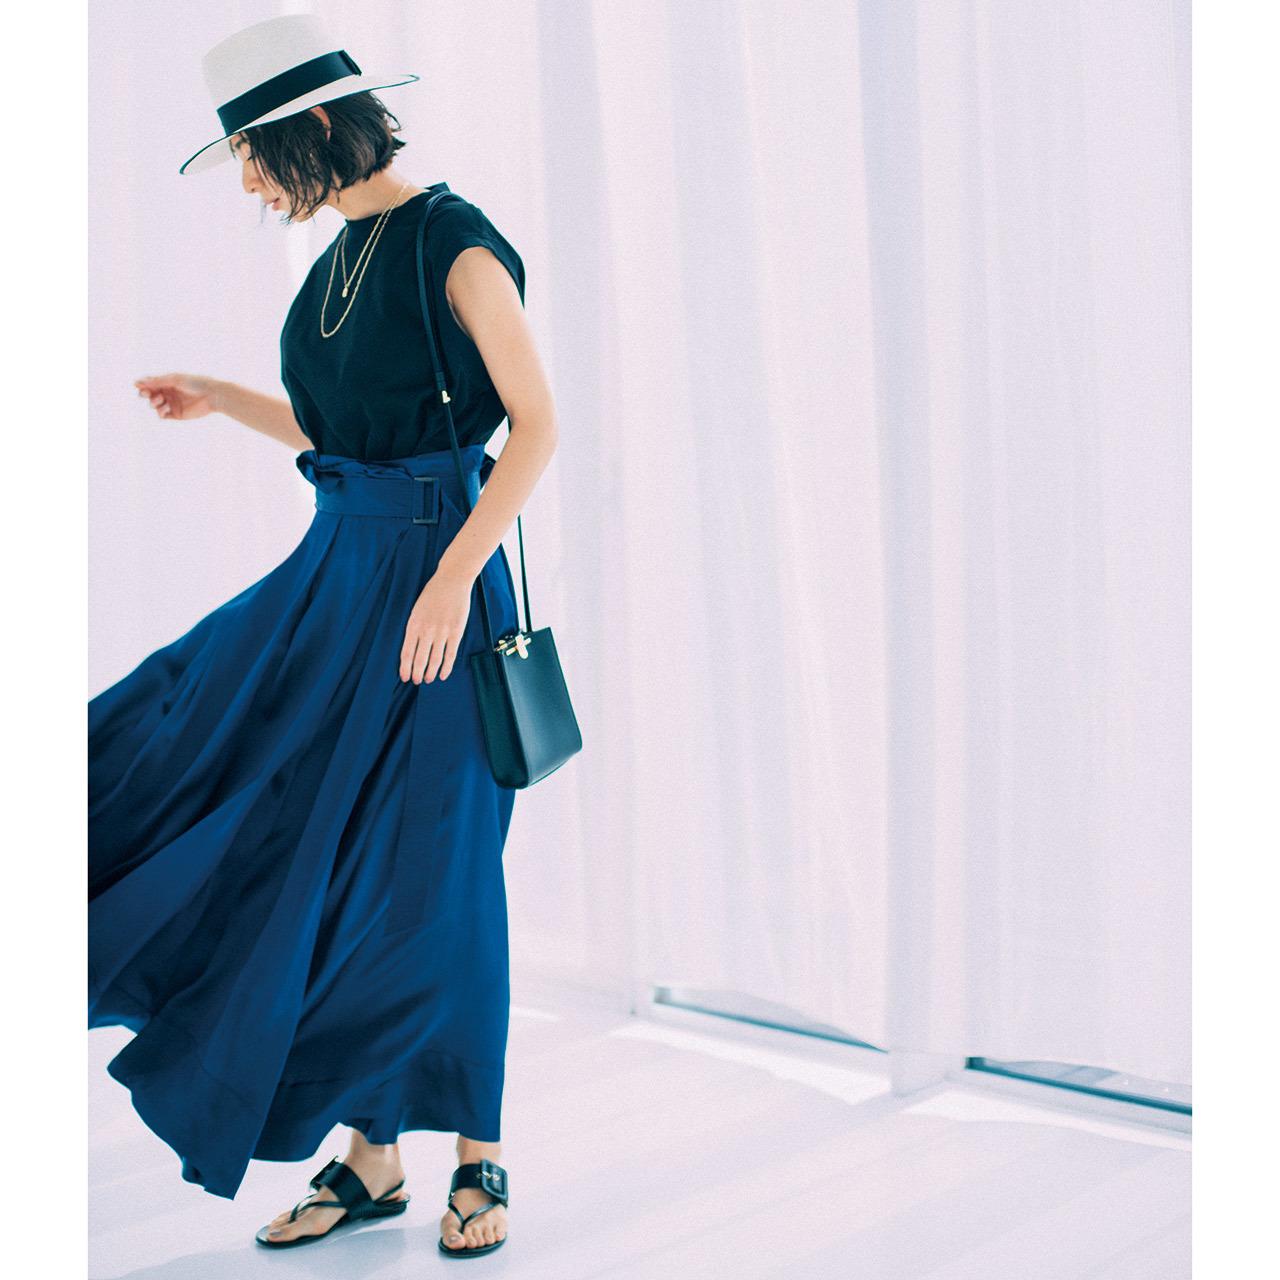 ネイビーのTシャツとスカートのワンツーコーデ  モデル・小泉里子